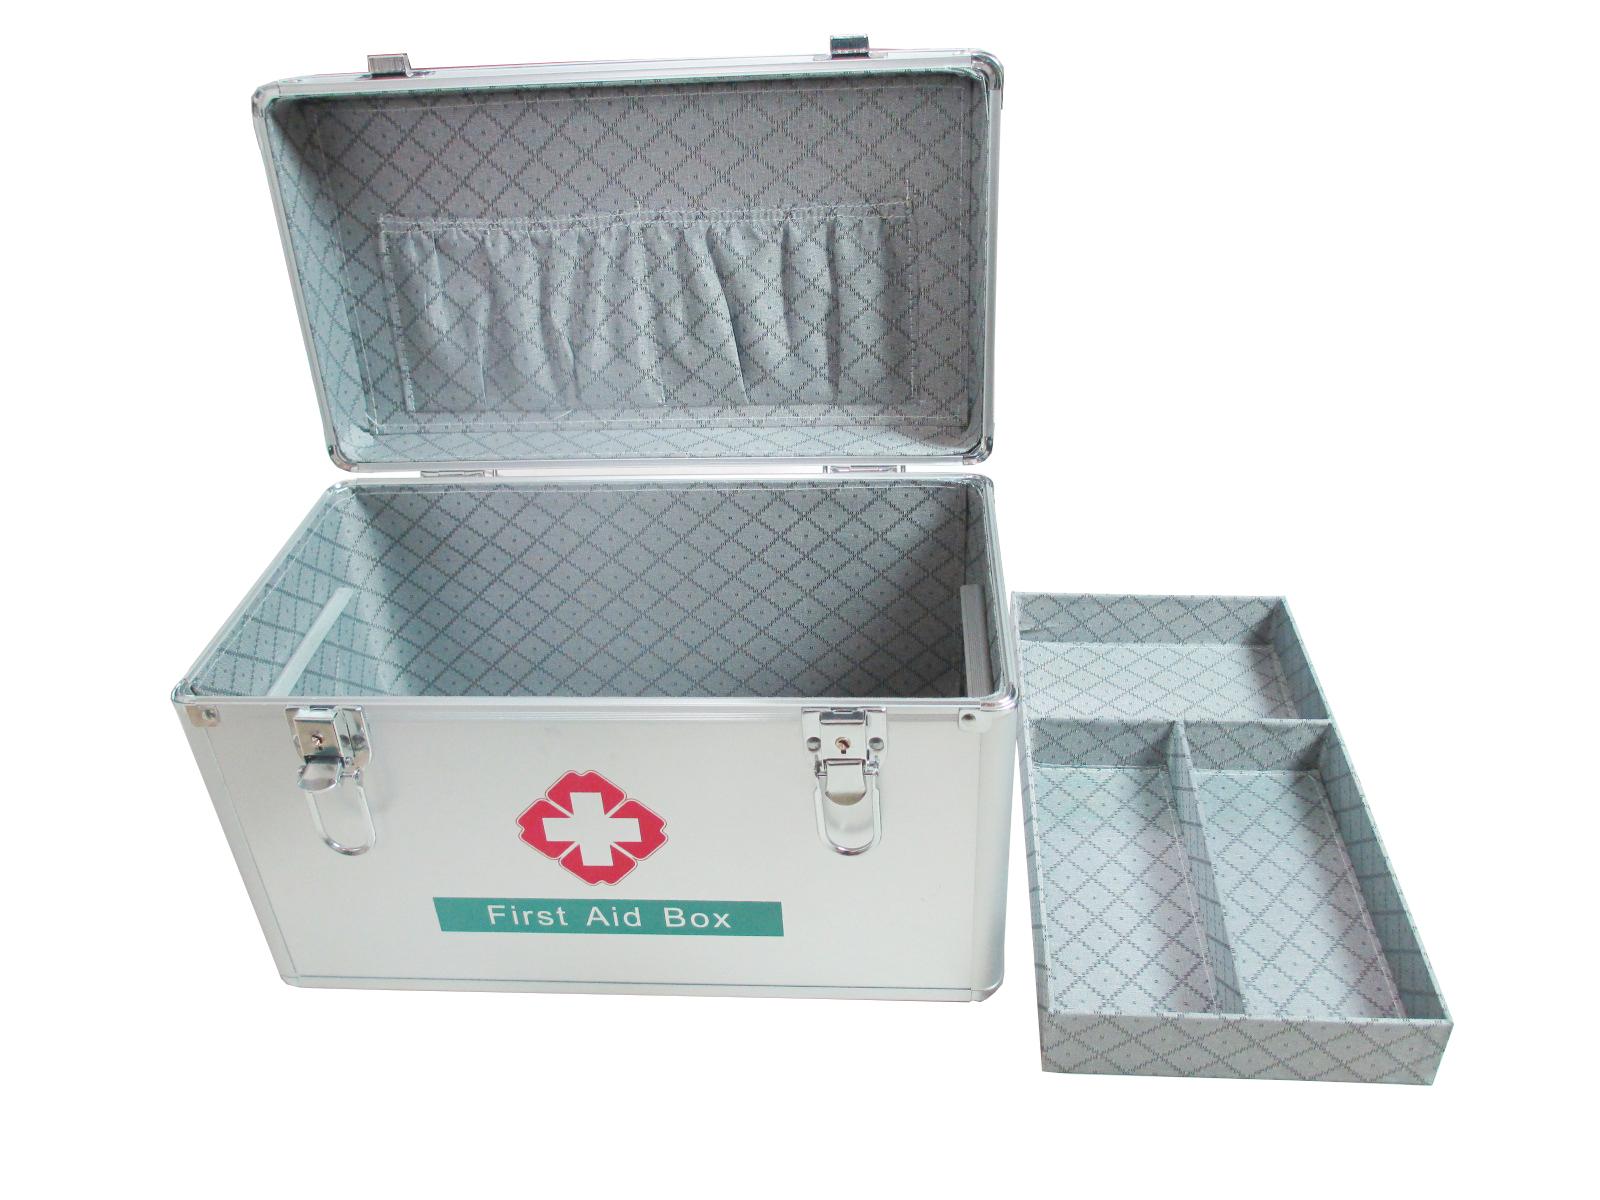 2021 медицинский шкаф/аптечка первой помощи/алюминиевая аптечка первой помощи, медицинский ящик. Коробка для лекарств